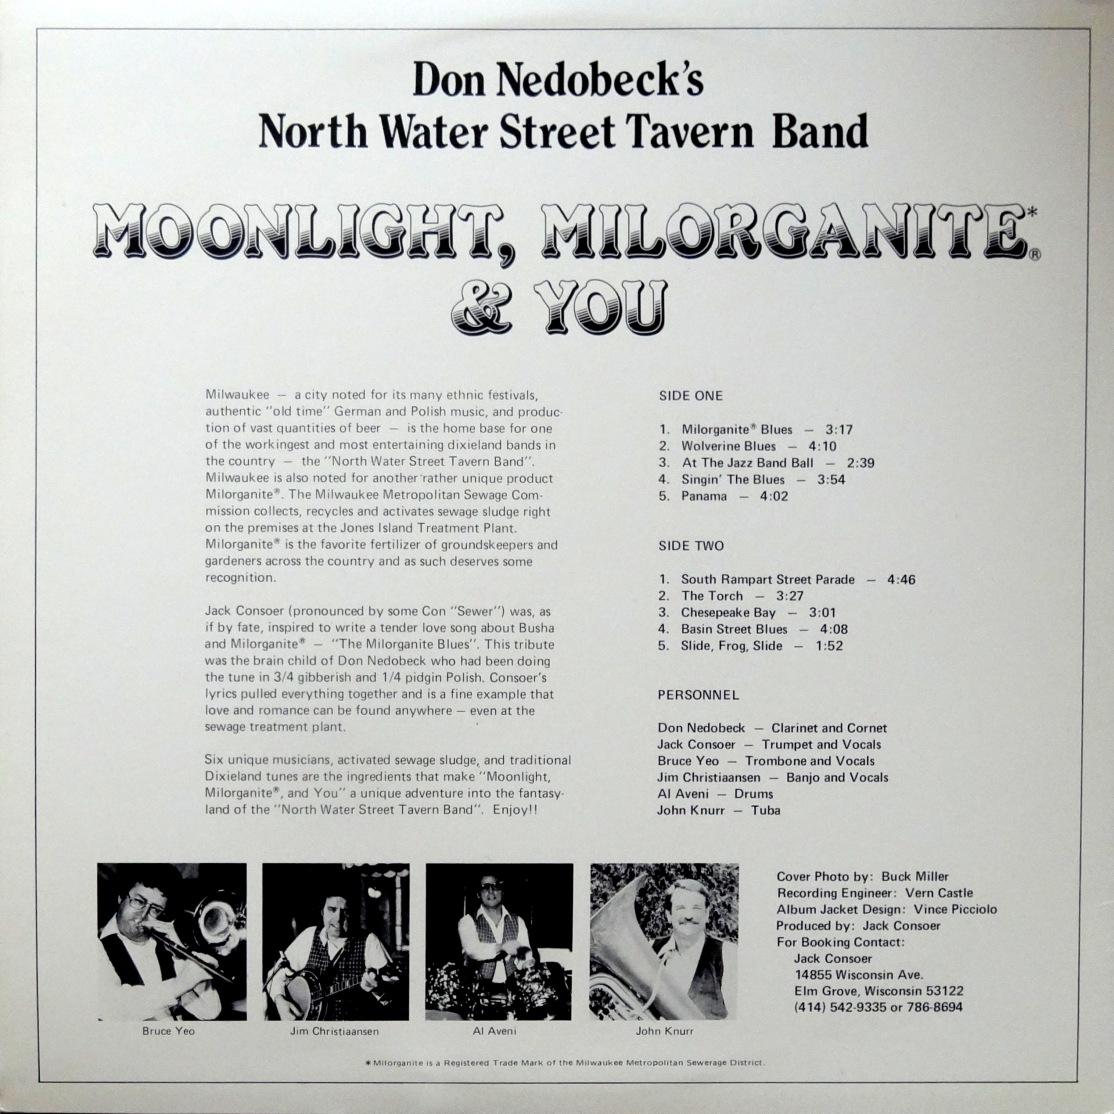 Don Nedobeck back